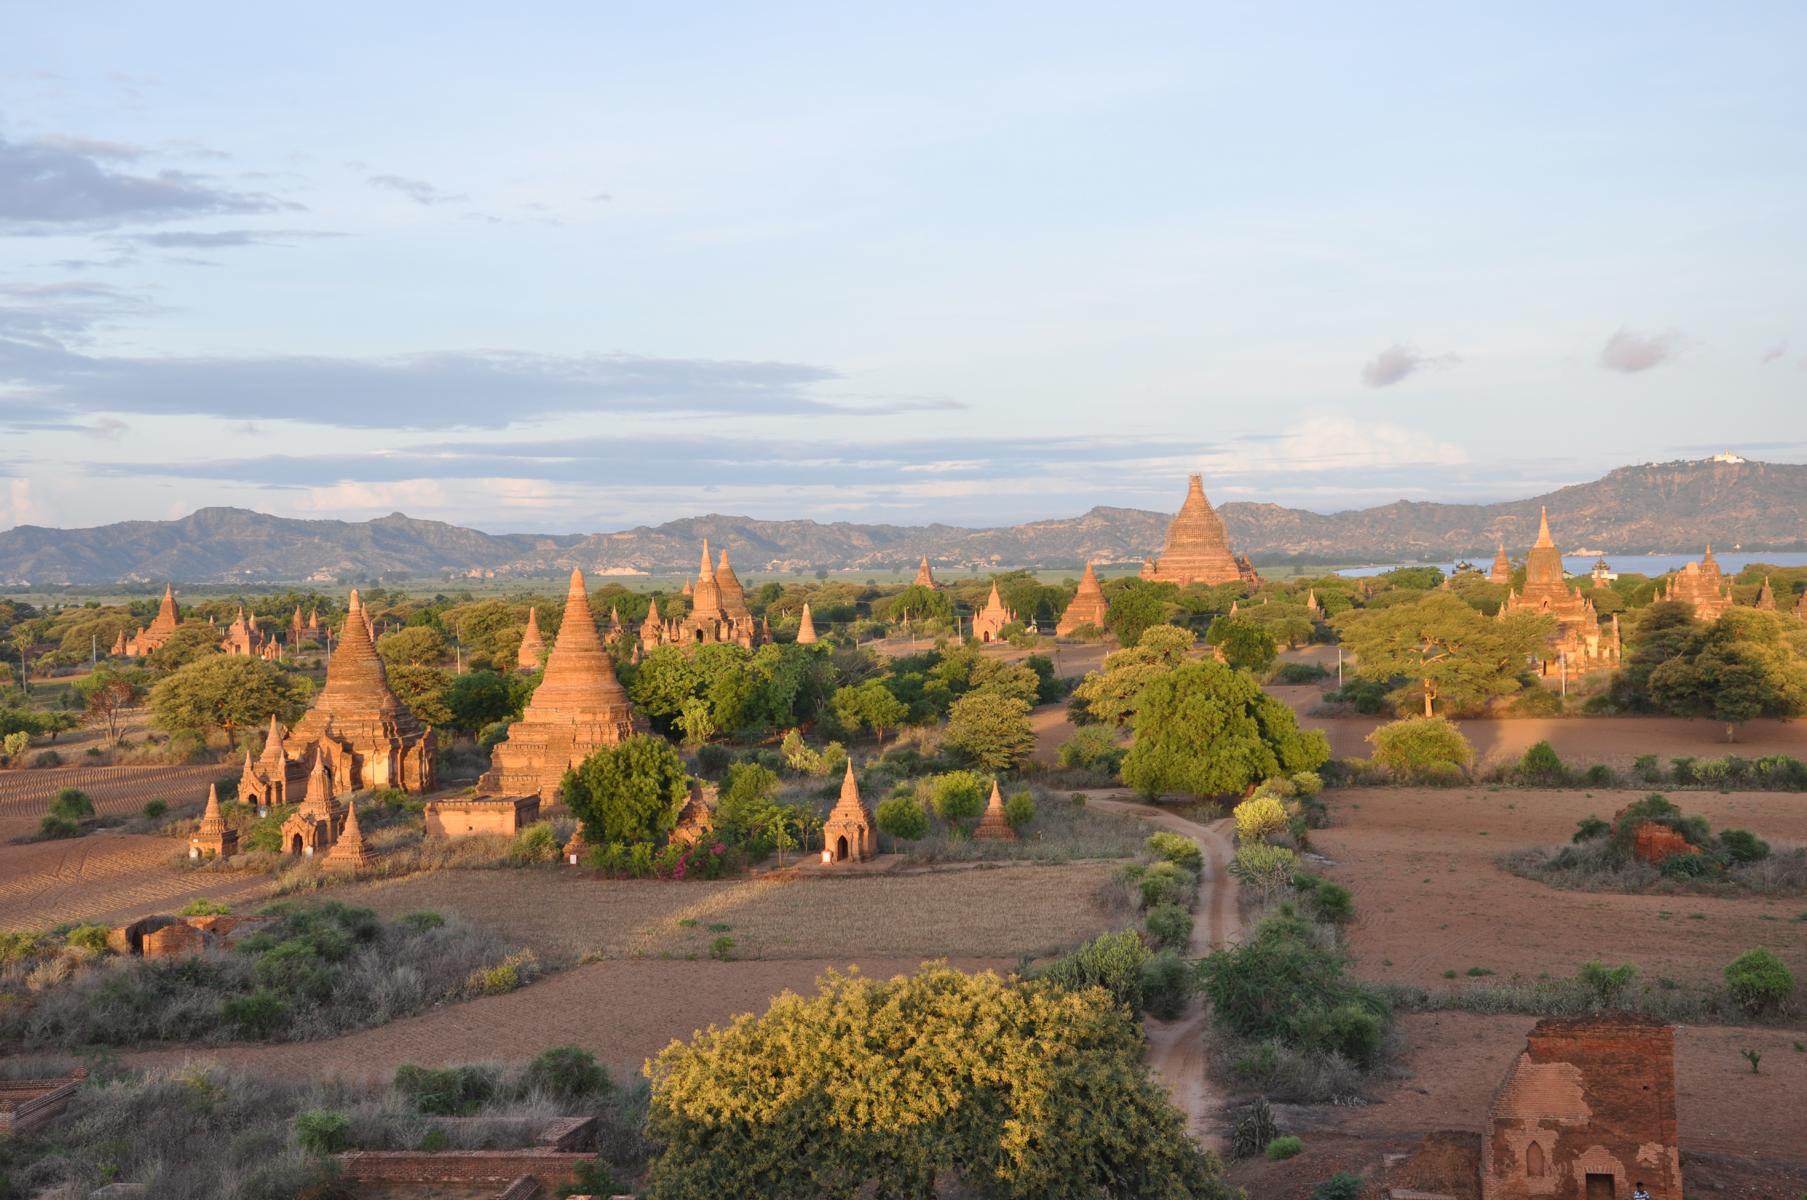 Die weitläufigen Tempelflächen von Bagan in Myanmar